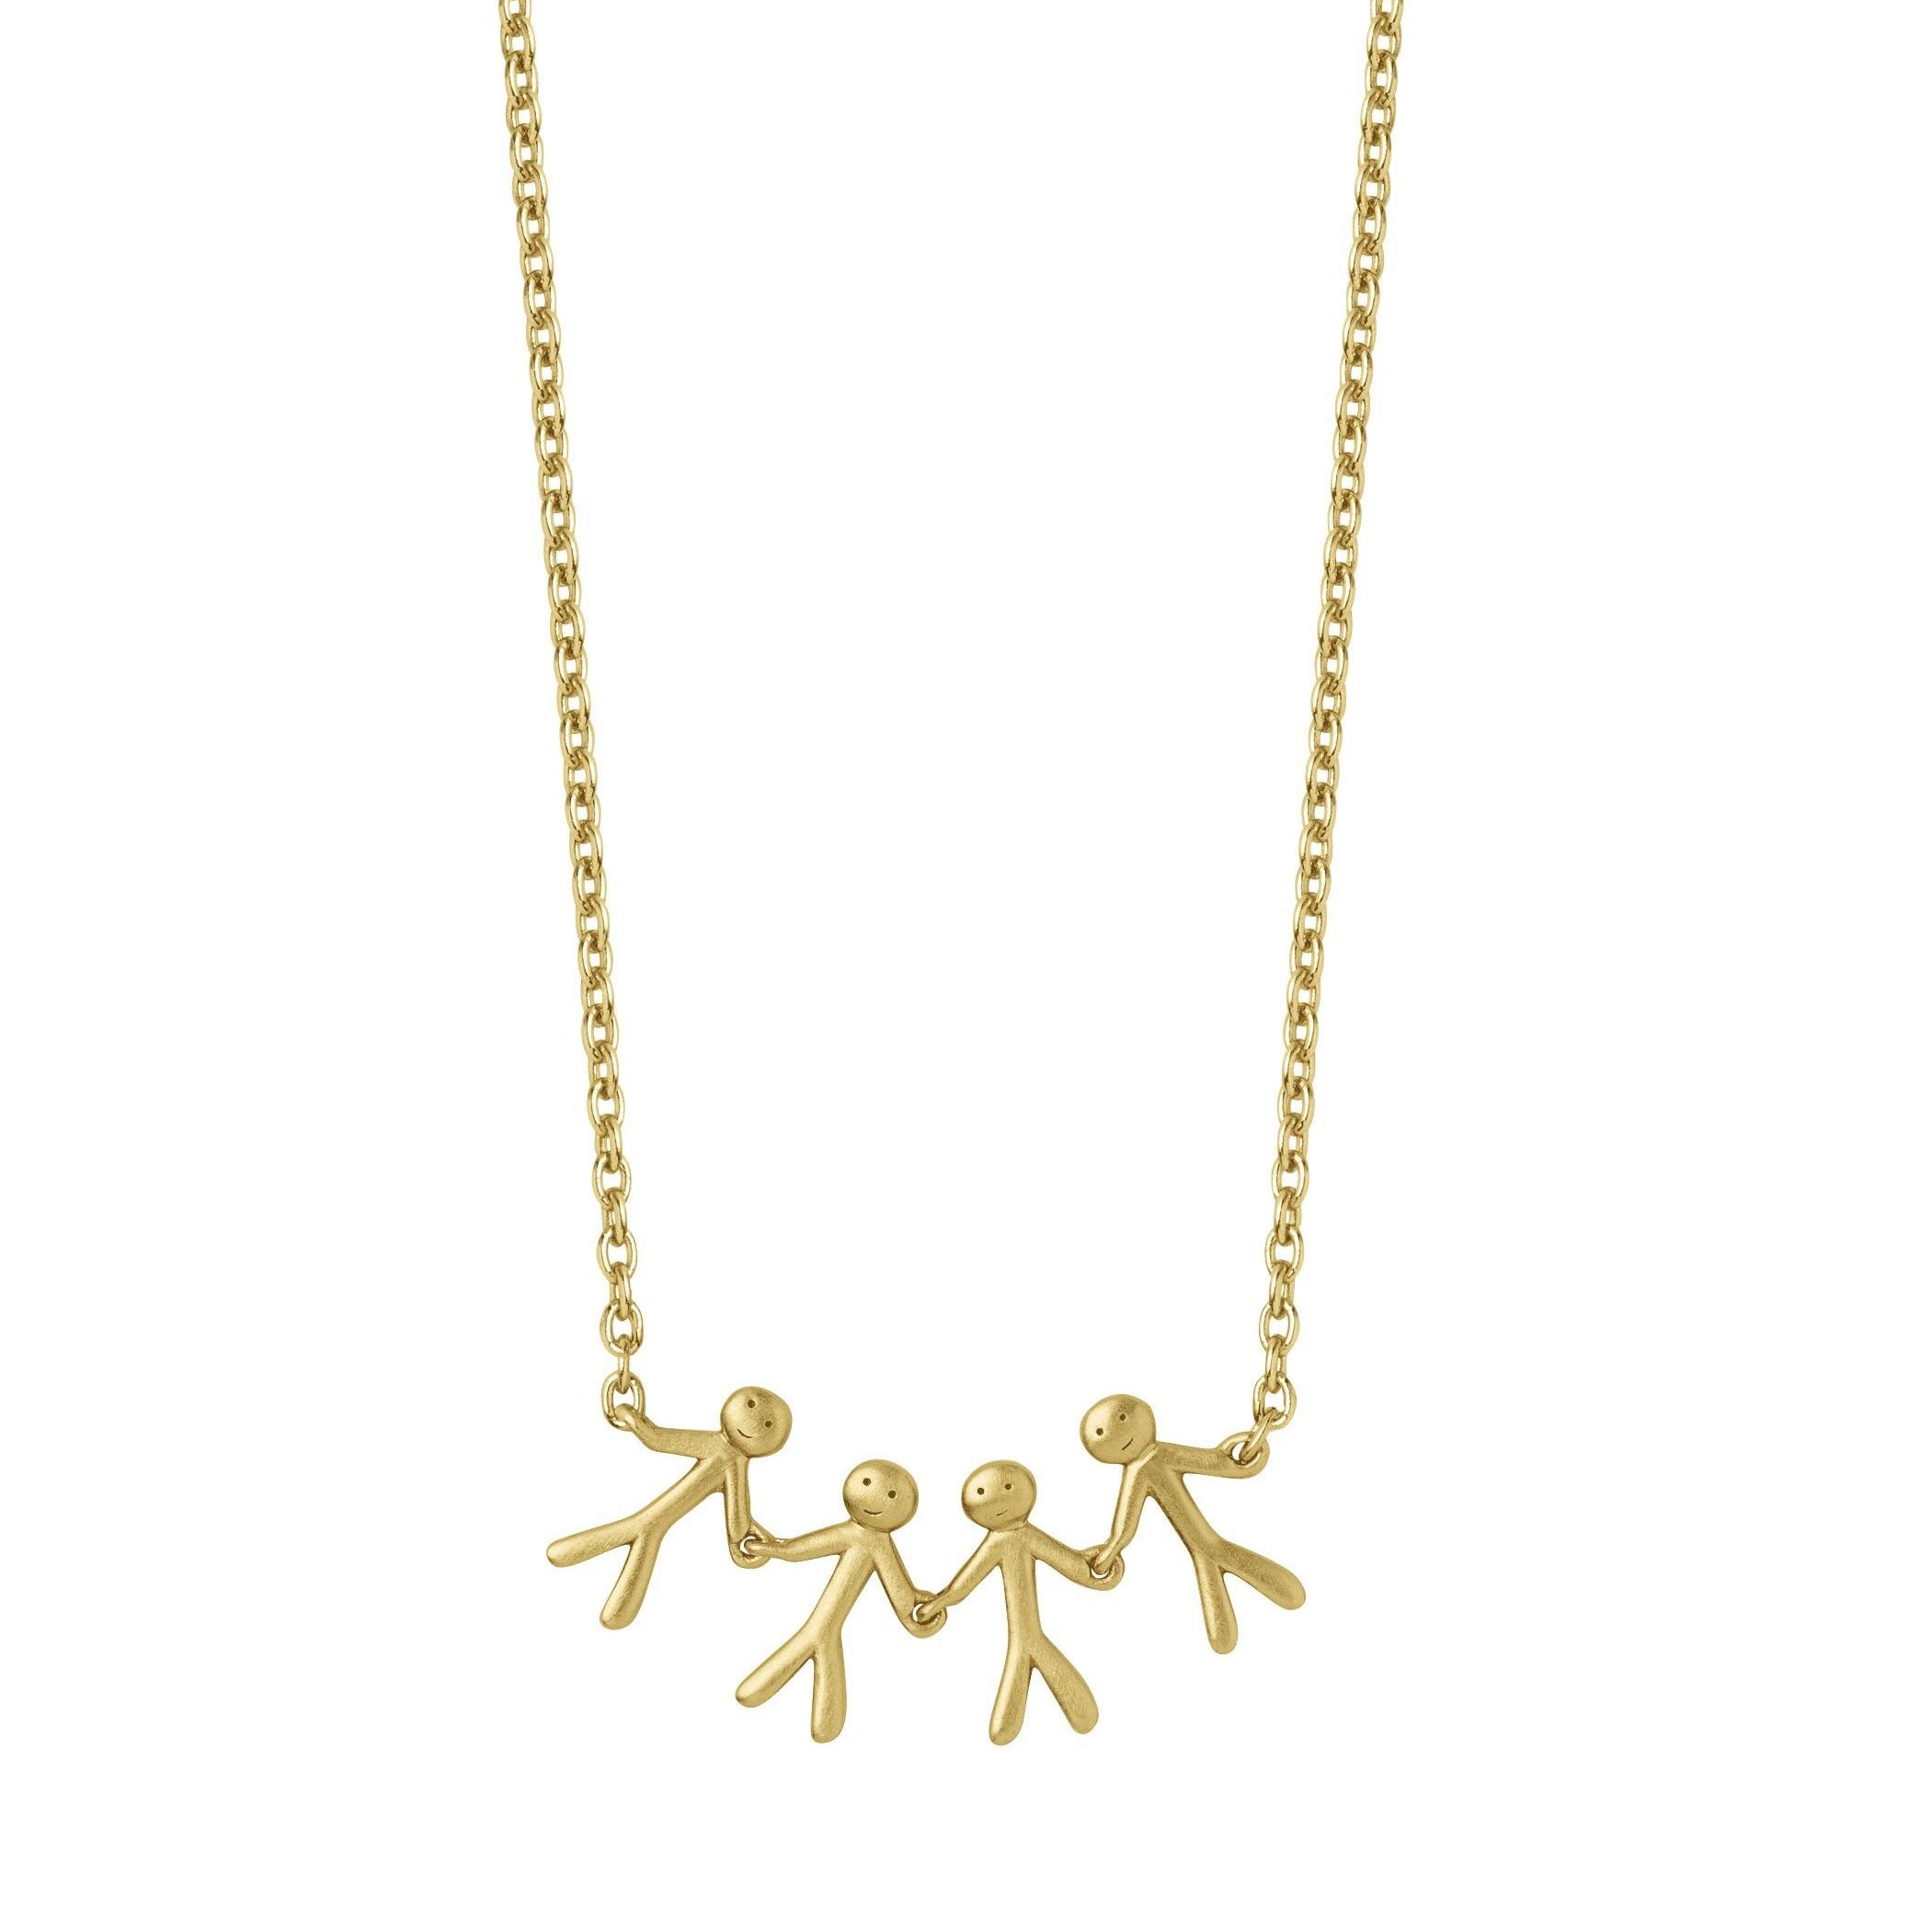 Lækker Together - Family 4 halskæde - Guld - Ure-smykker din lokale ND-49